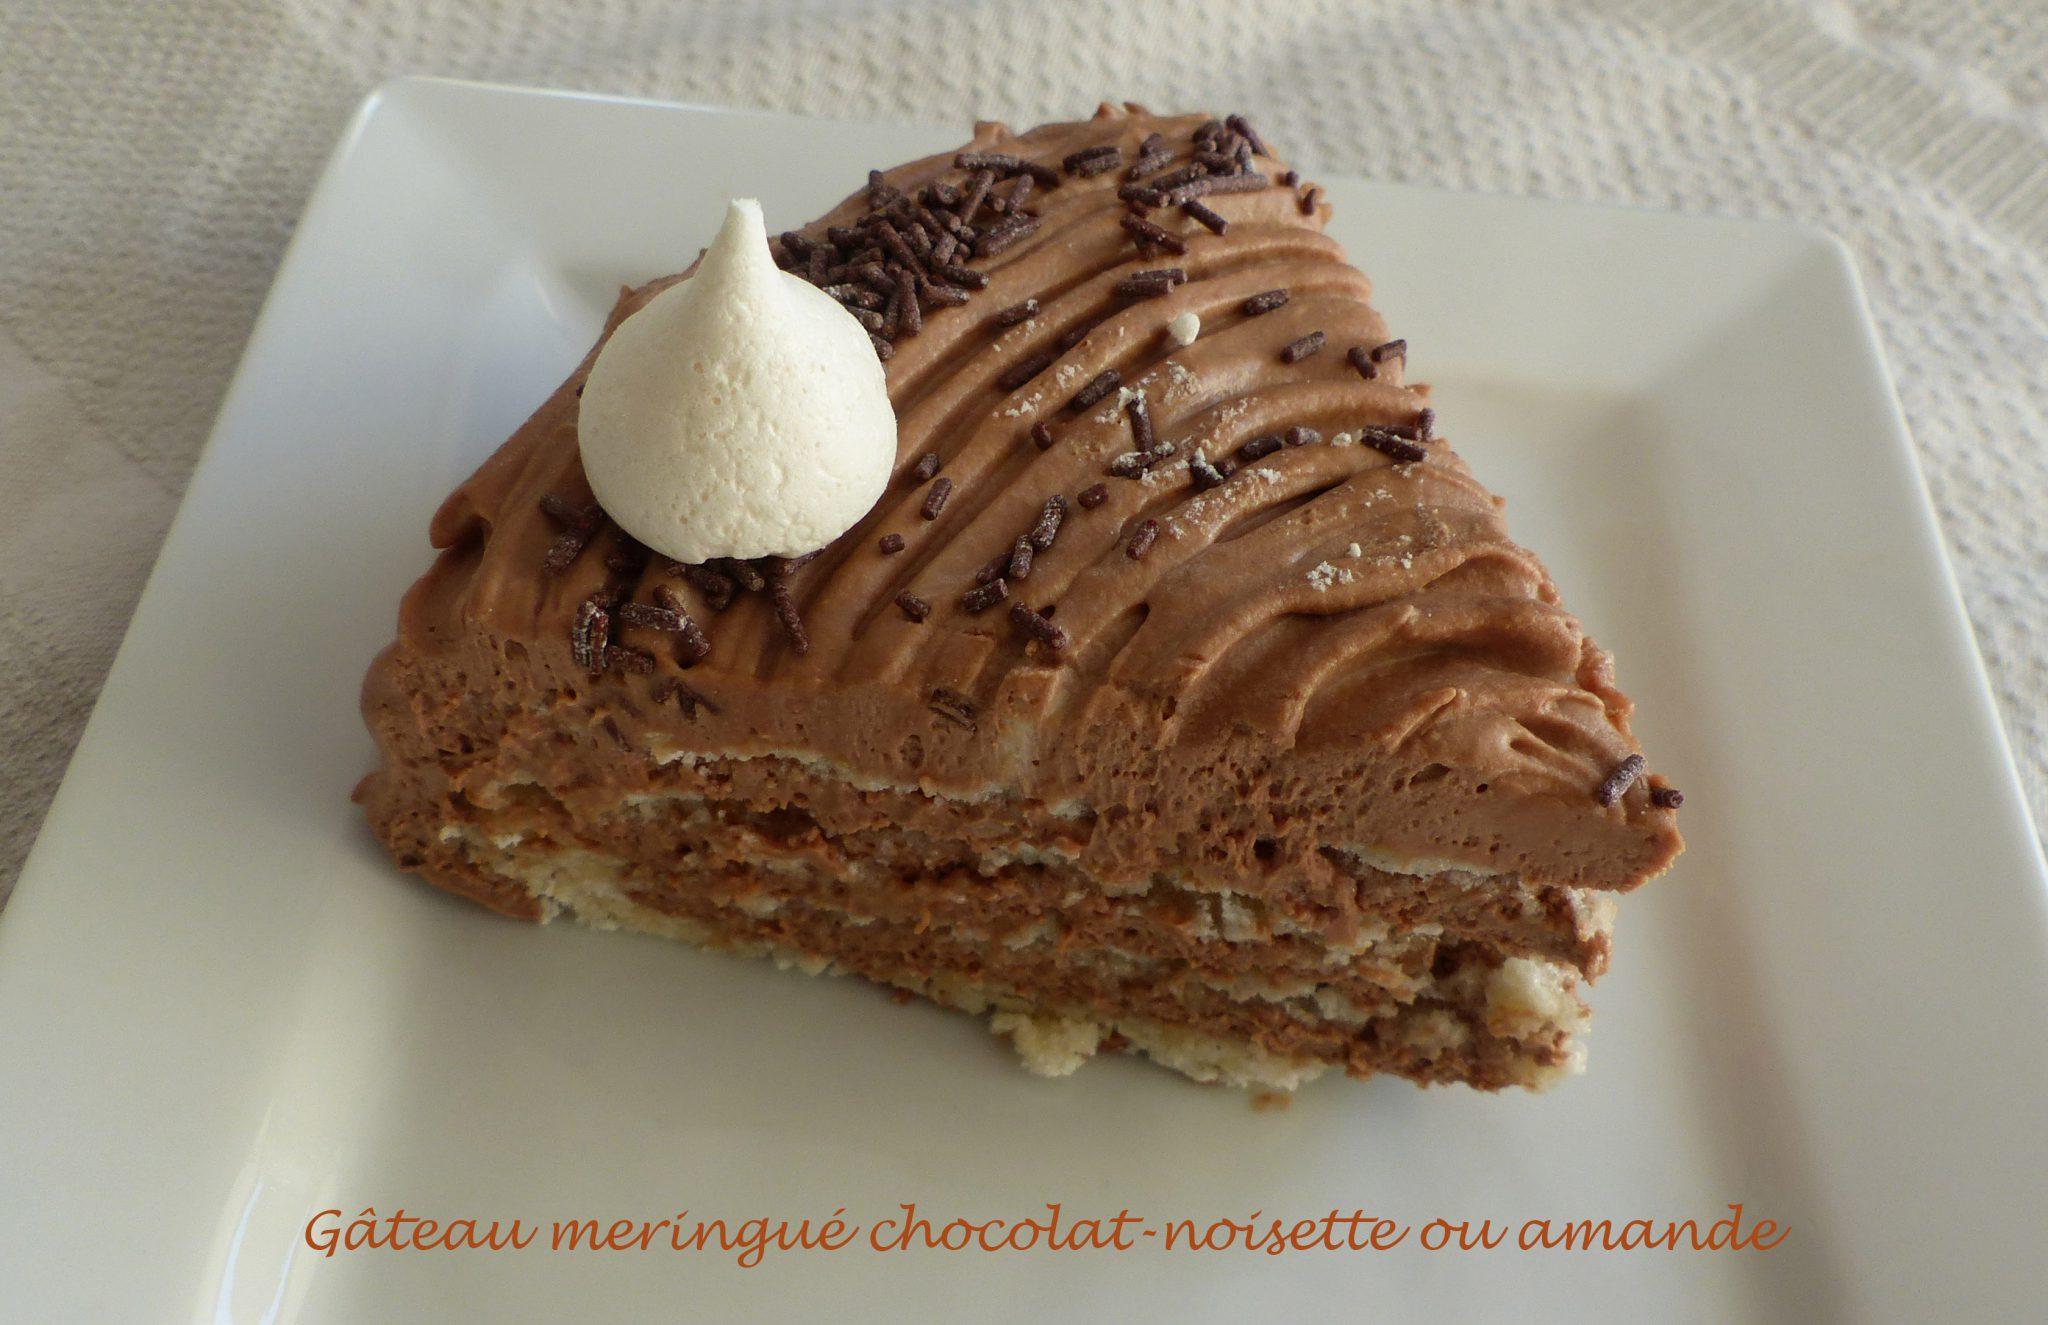 Gâteau meringué chocolat-noisette ou amande P1080441 R